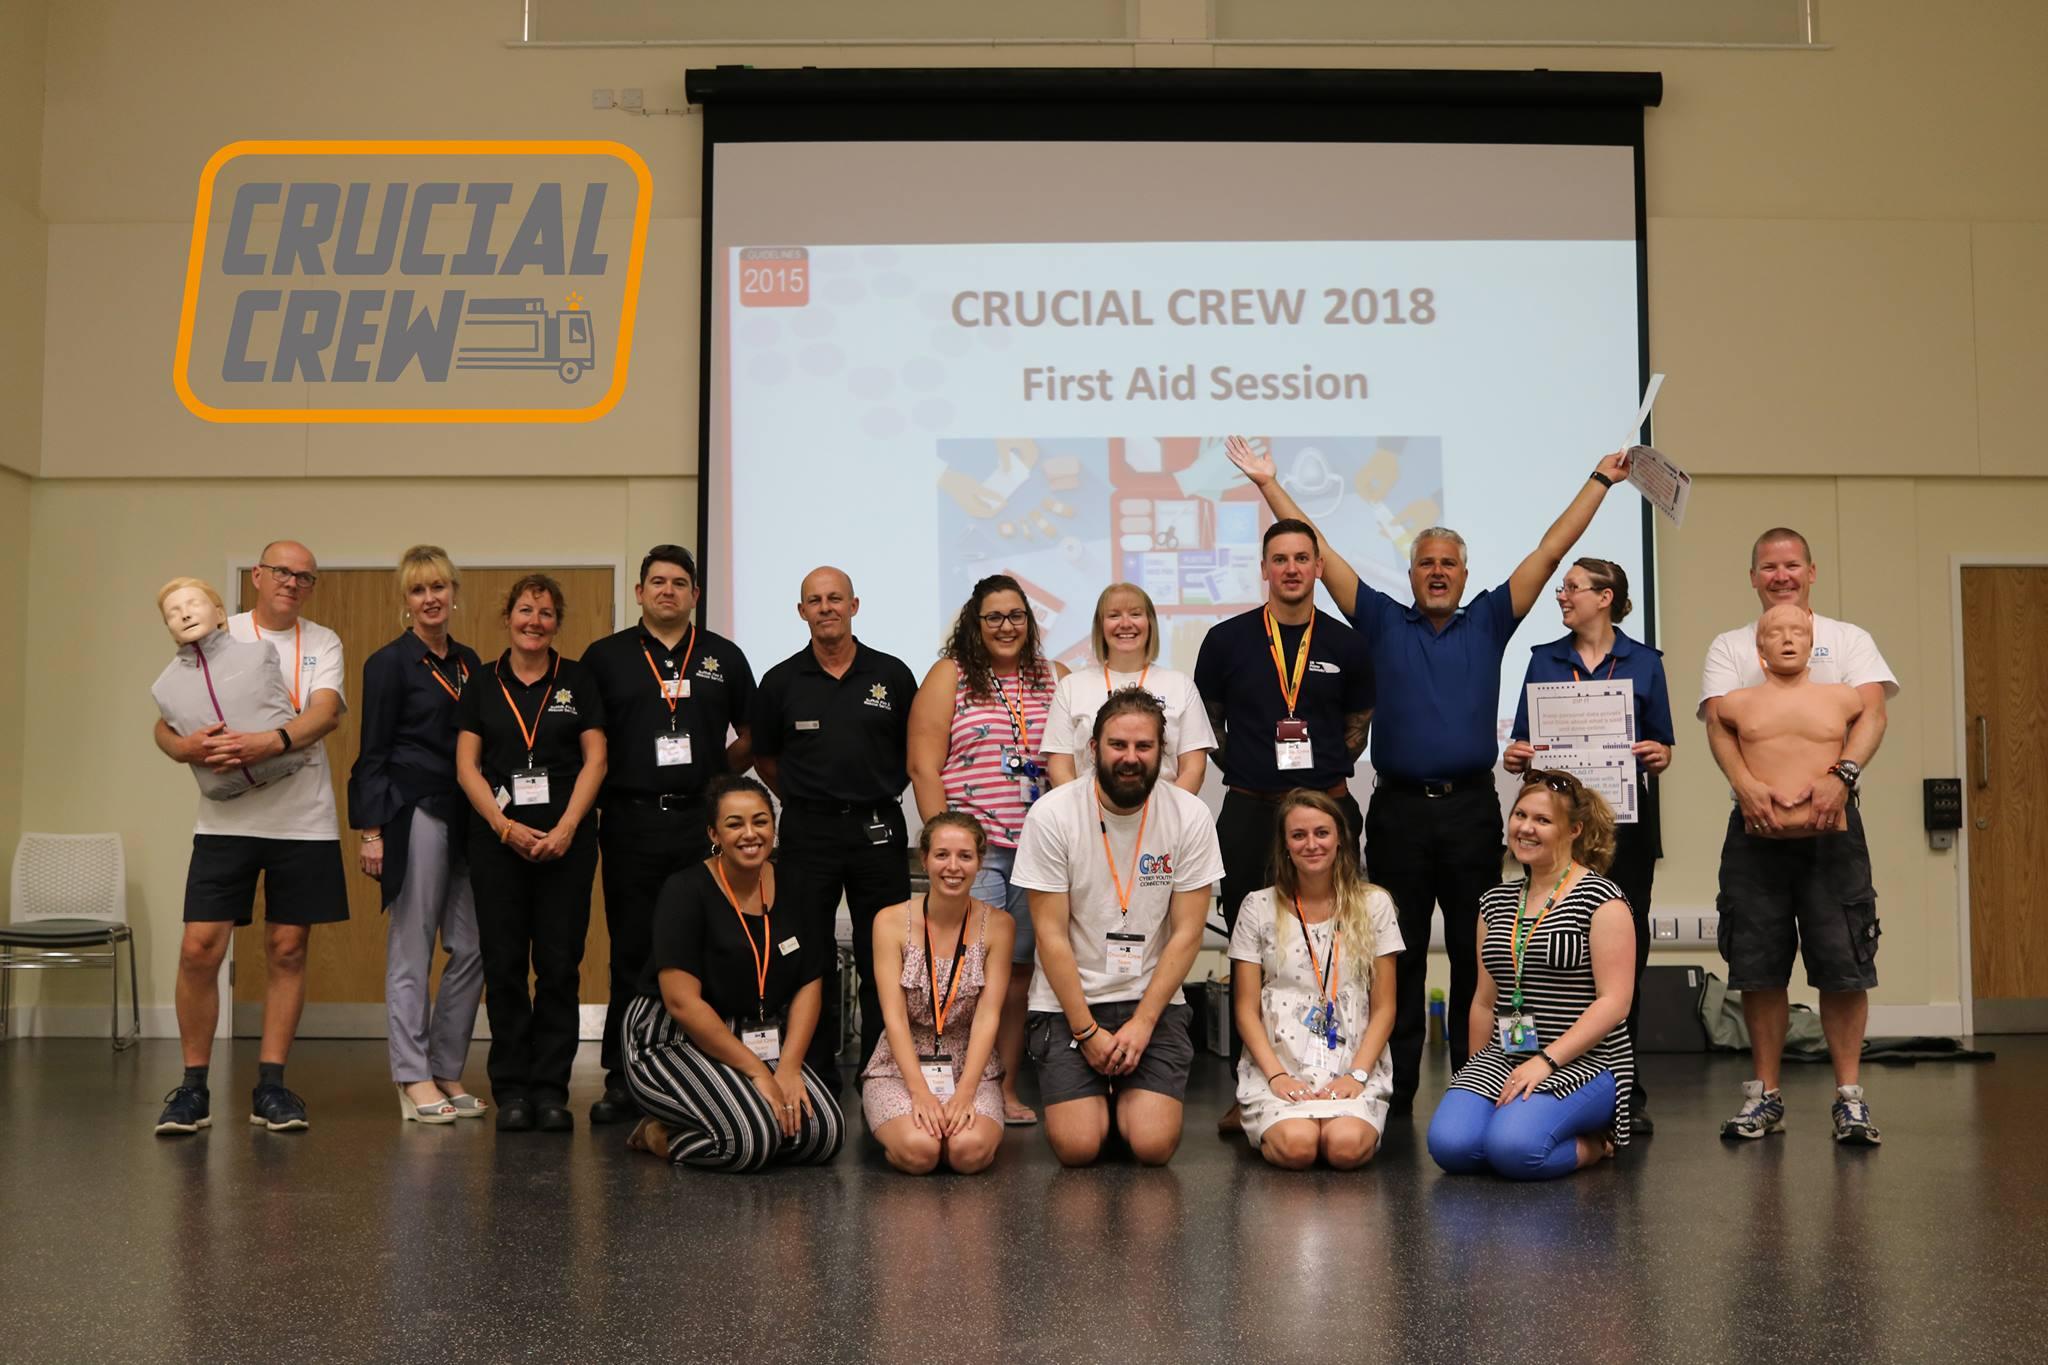 Crucial Crew 2018